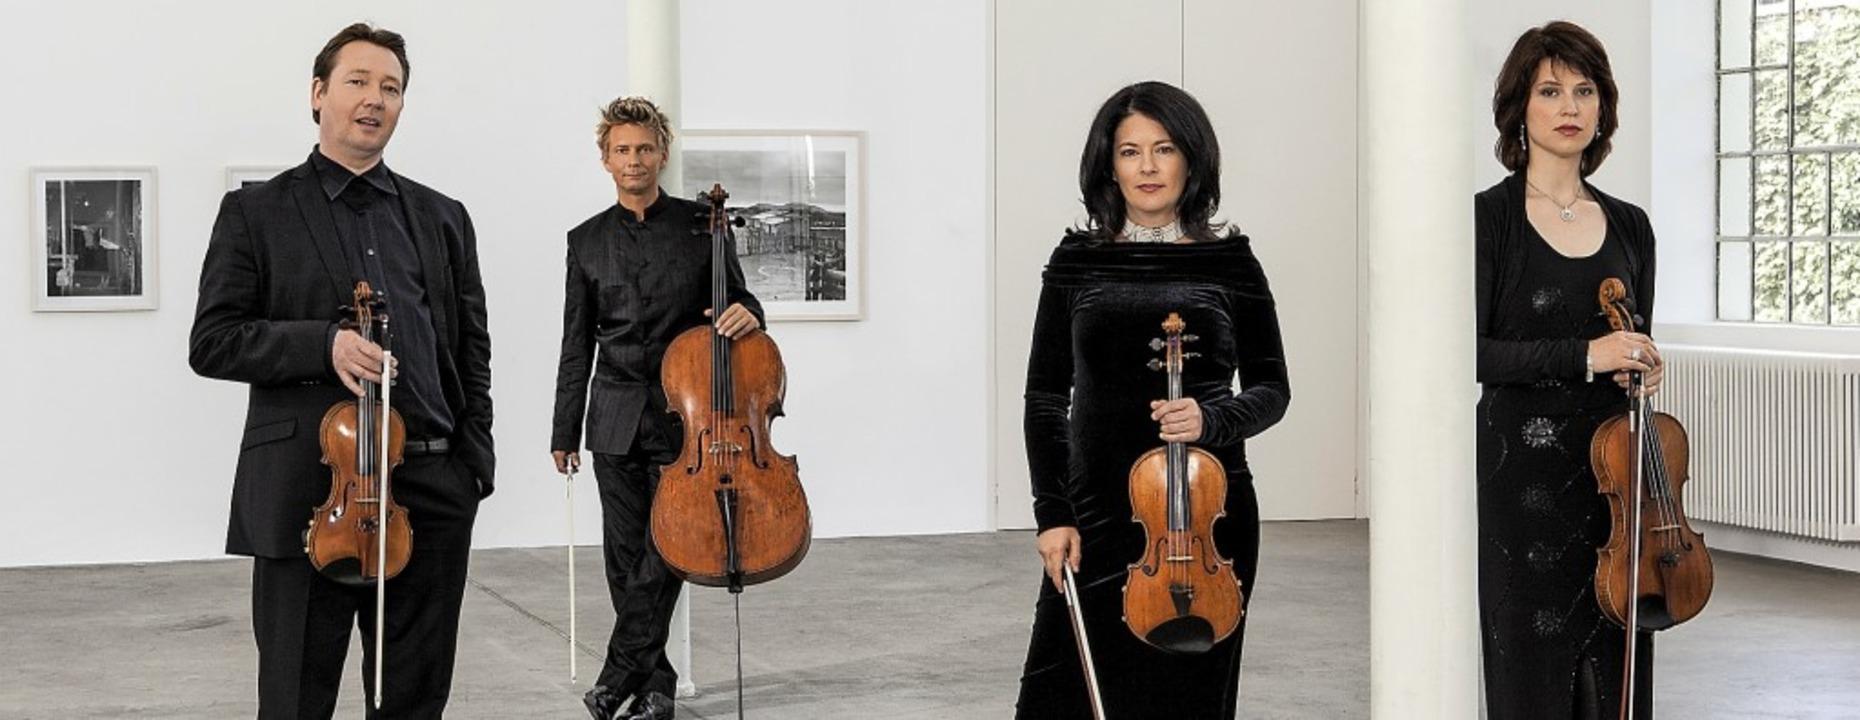 Das international gefragte Minguet-Quartett     Foto: Frank Rossbach